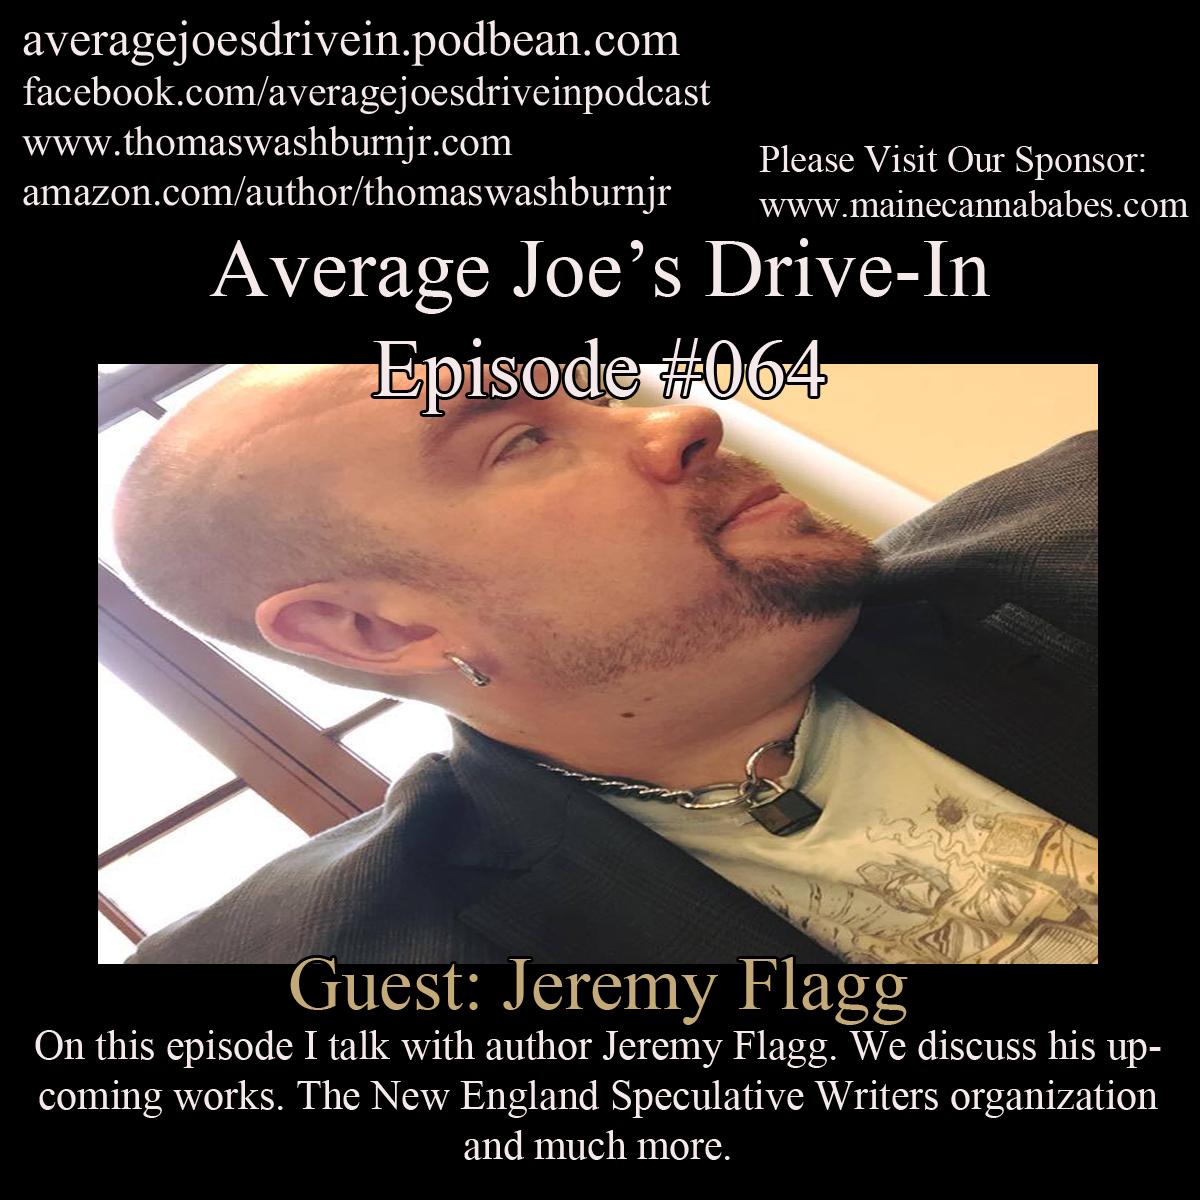 Average Joe's Drive-In: Episode #064 w/Jeremy Flagg